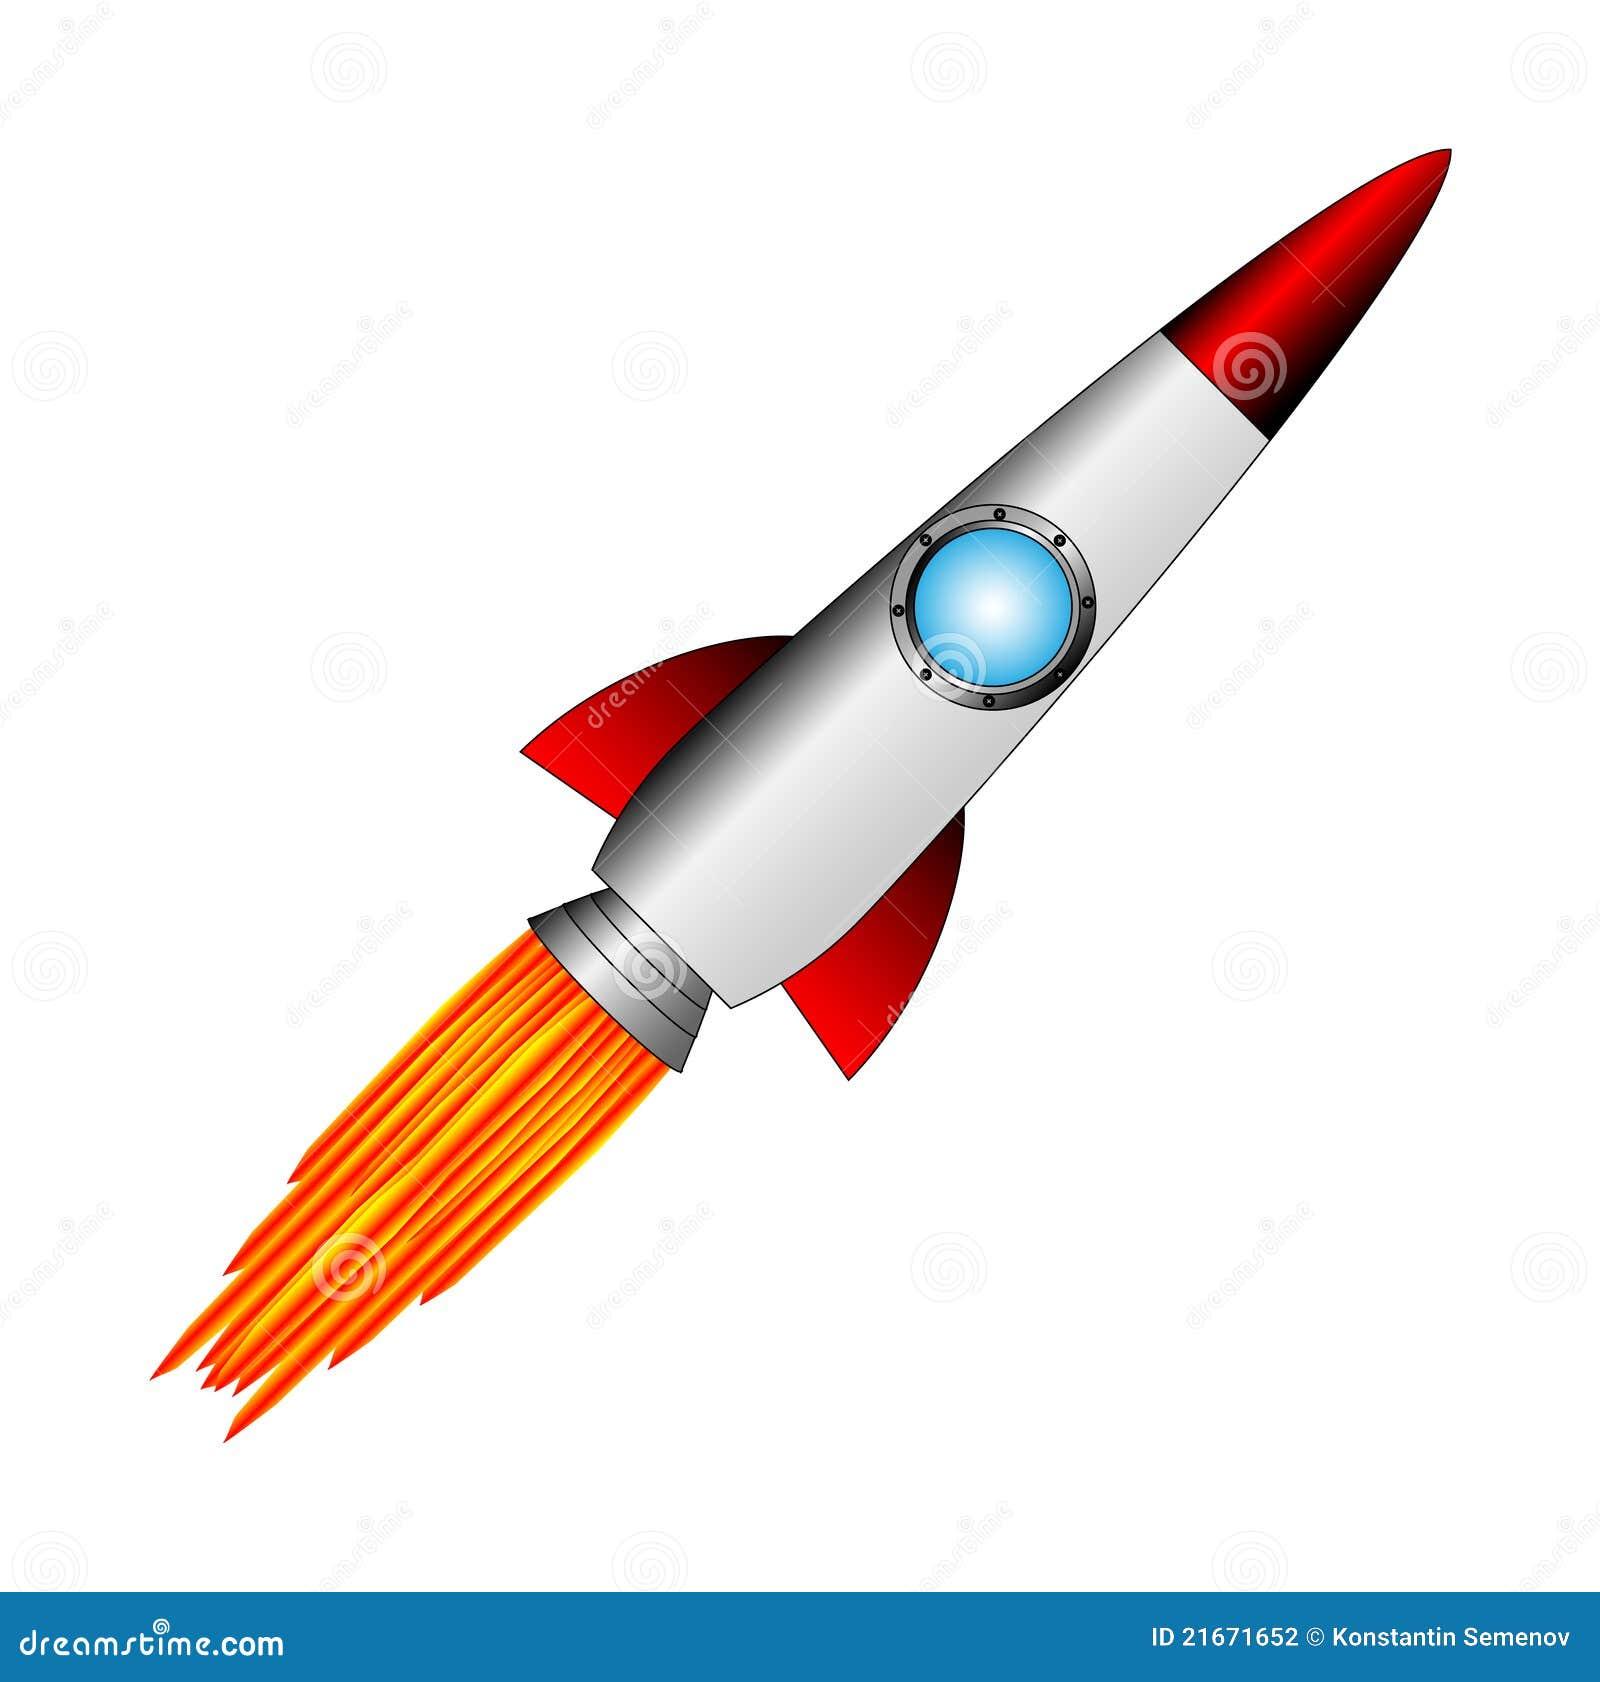 启动在空白背景的火箭.图片